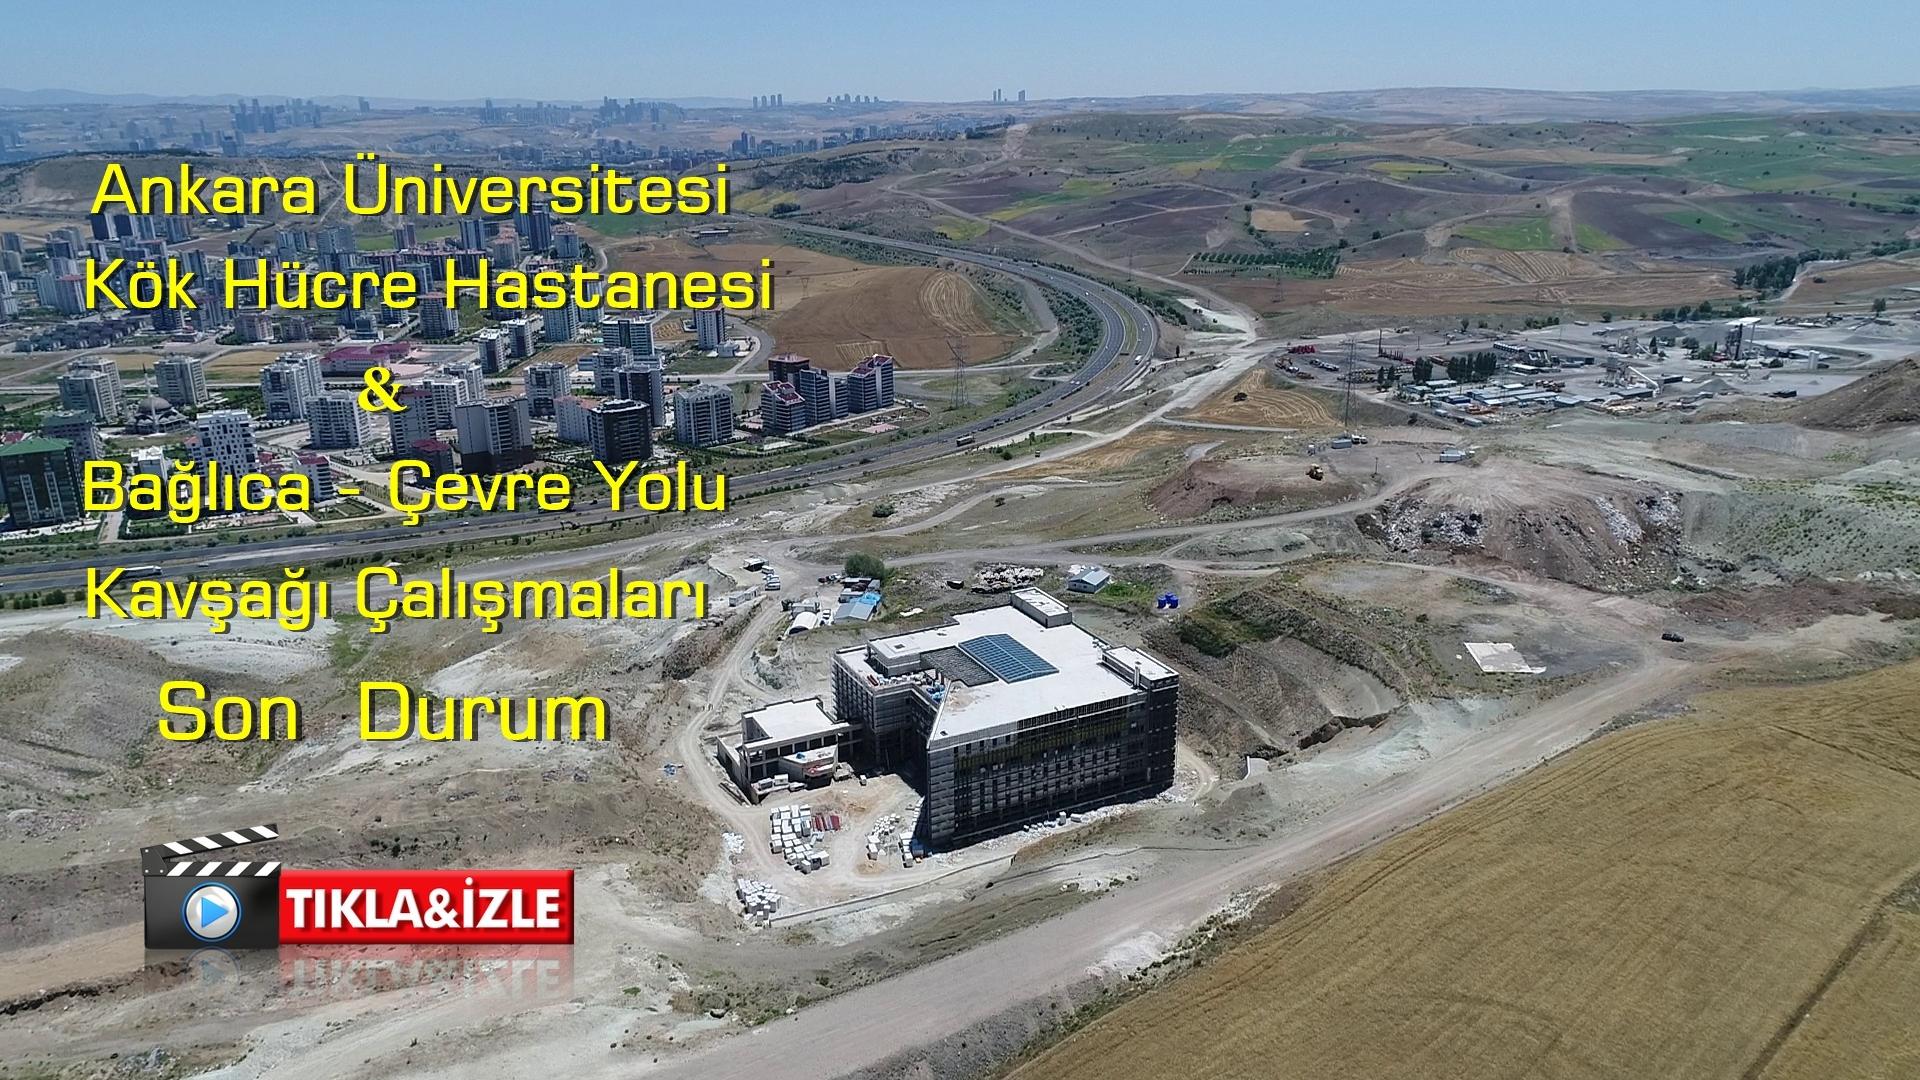 Bağlıca-Çevre Yolu Kavşağı ve Ankara Üniversitesi Kök Hücre Hastanesi, Son Durum… (11/07/2020)